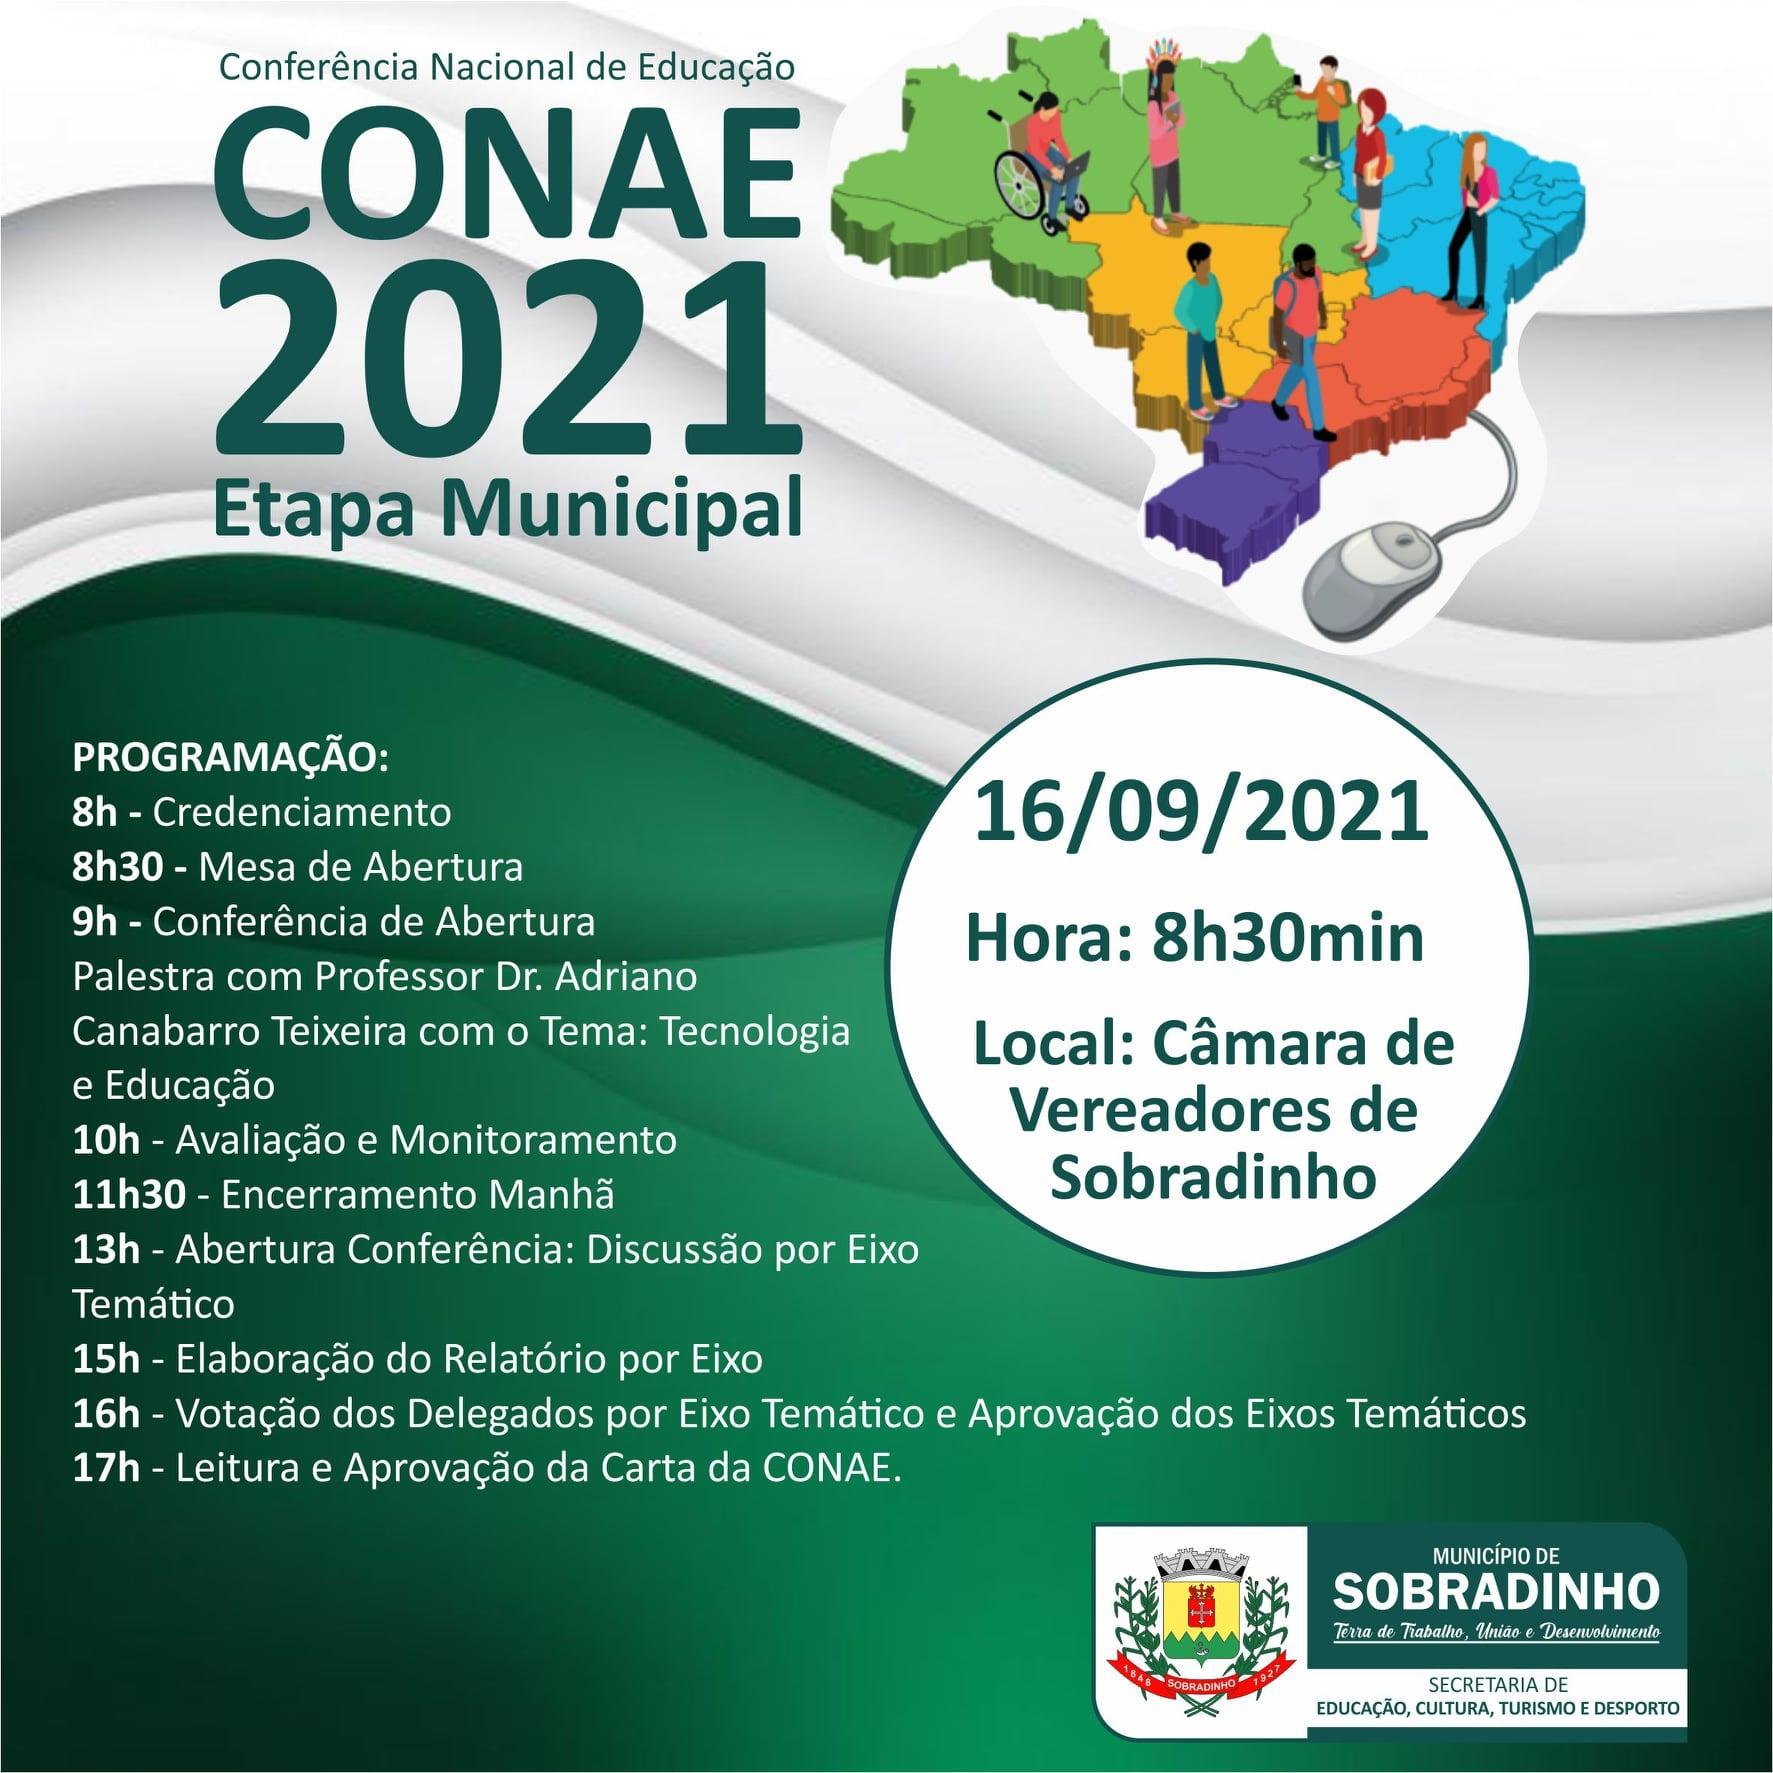 Conferência Nacional de Educação será nesta quinta-feira em Sobradinho